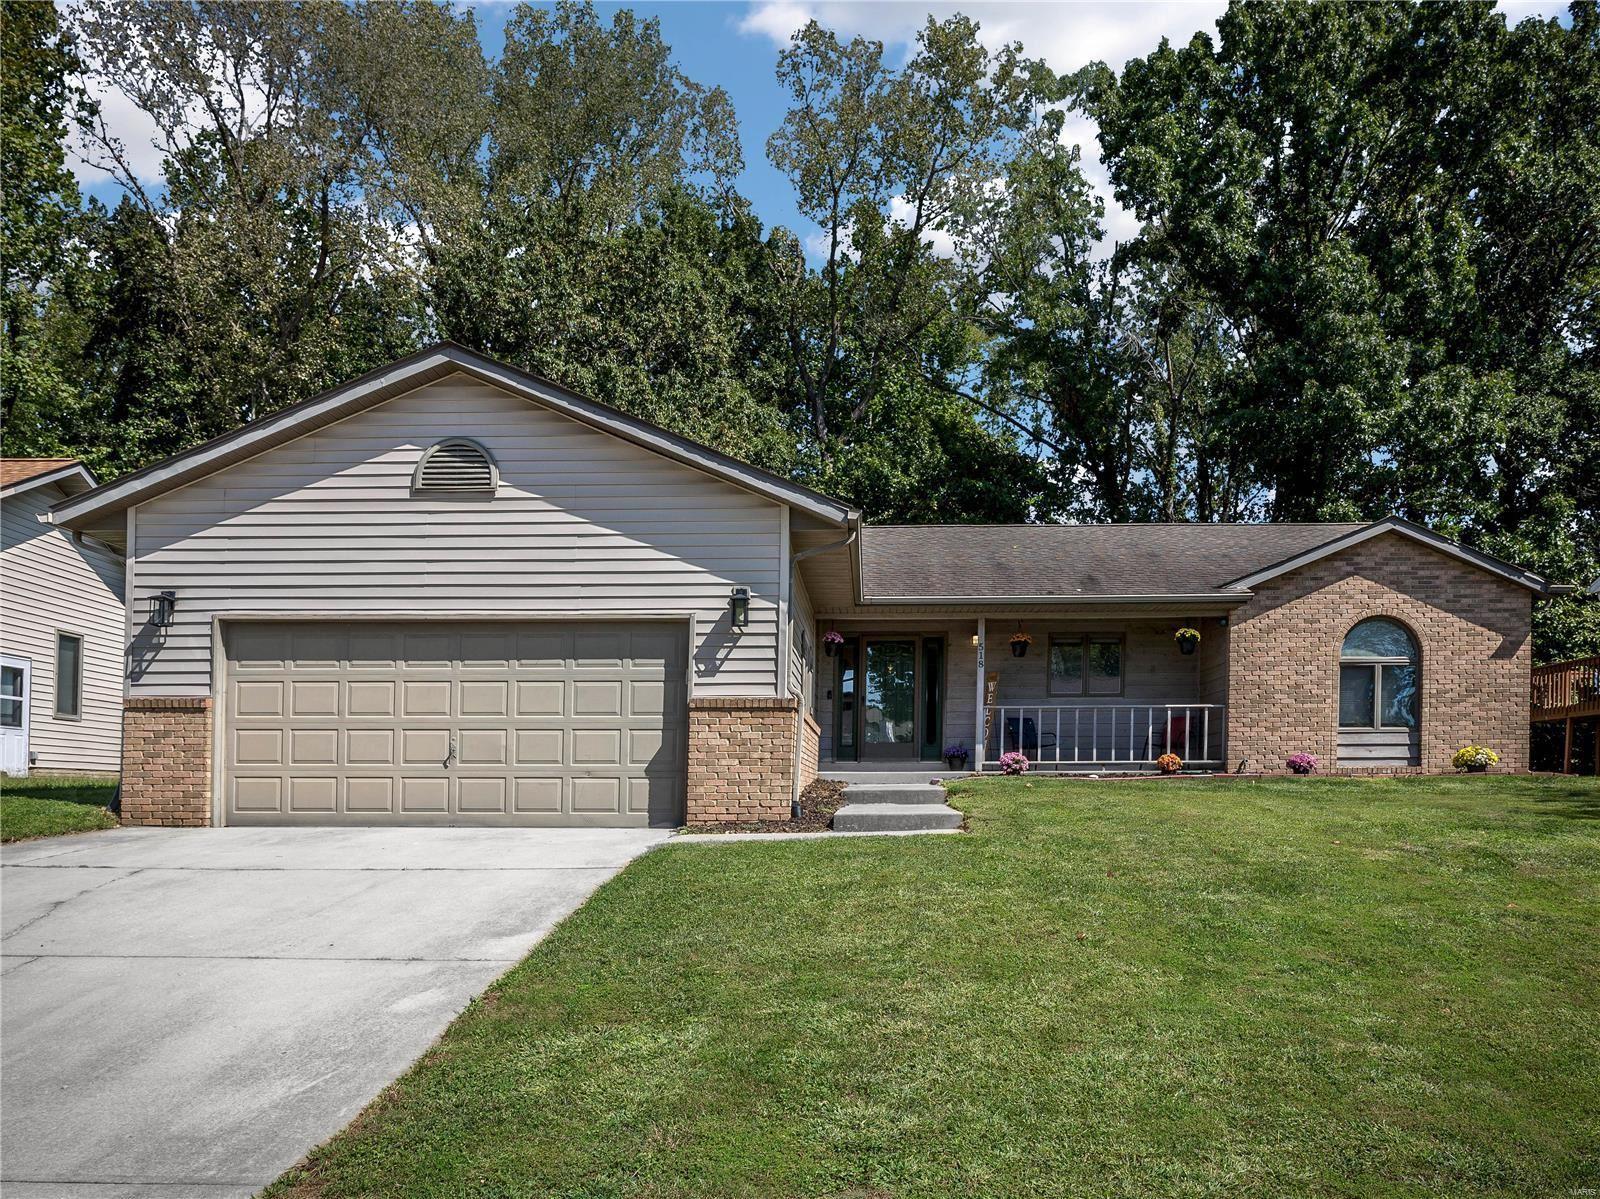 518 Mulberry Lane, OFallon, IL 62269 - MLS#: 21066839